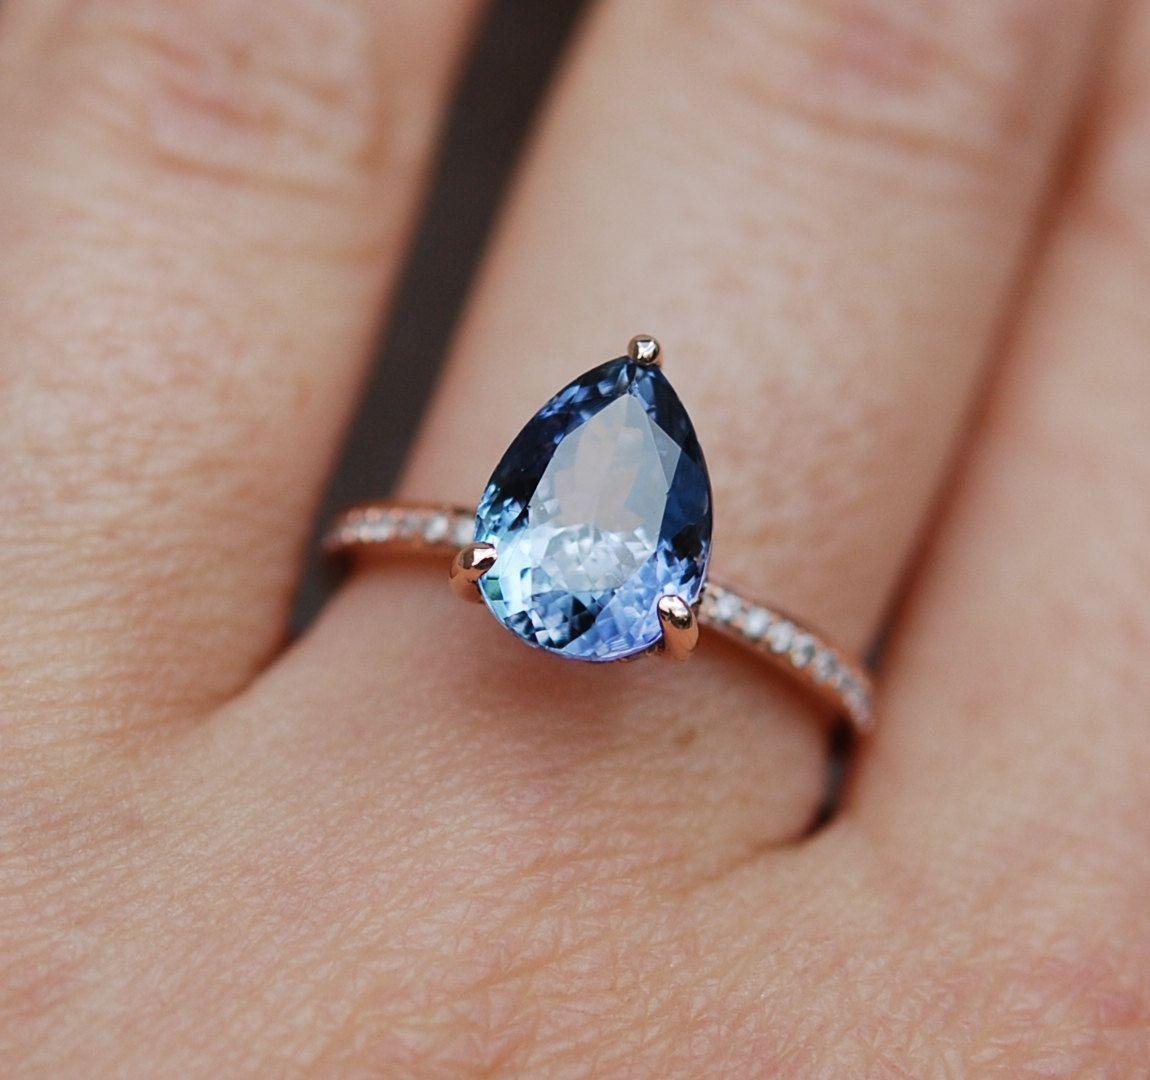 tanzanite wedding rings Tanzanite Ring Rose Gold Engagement Ring Lavender Mint Tanzanite pear cut halo engagement ring 14k rose gold